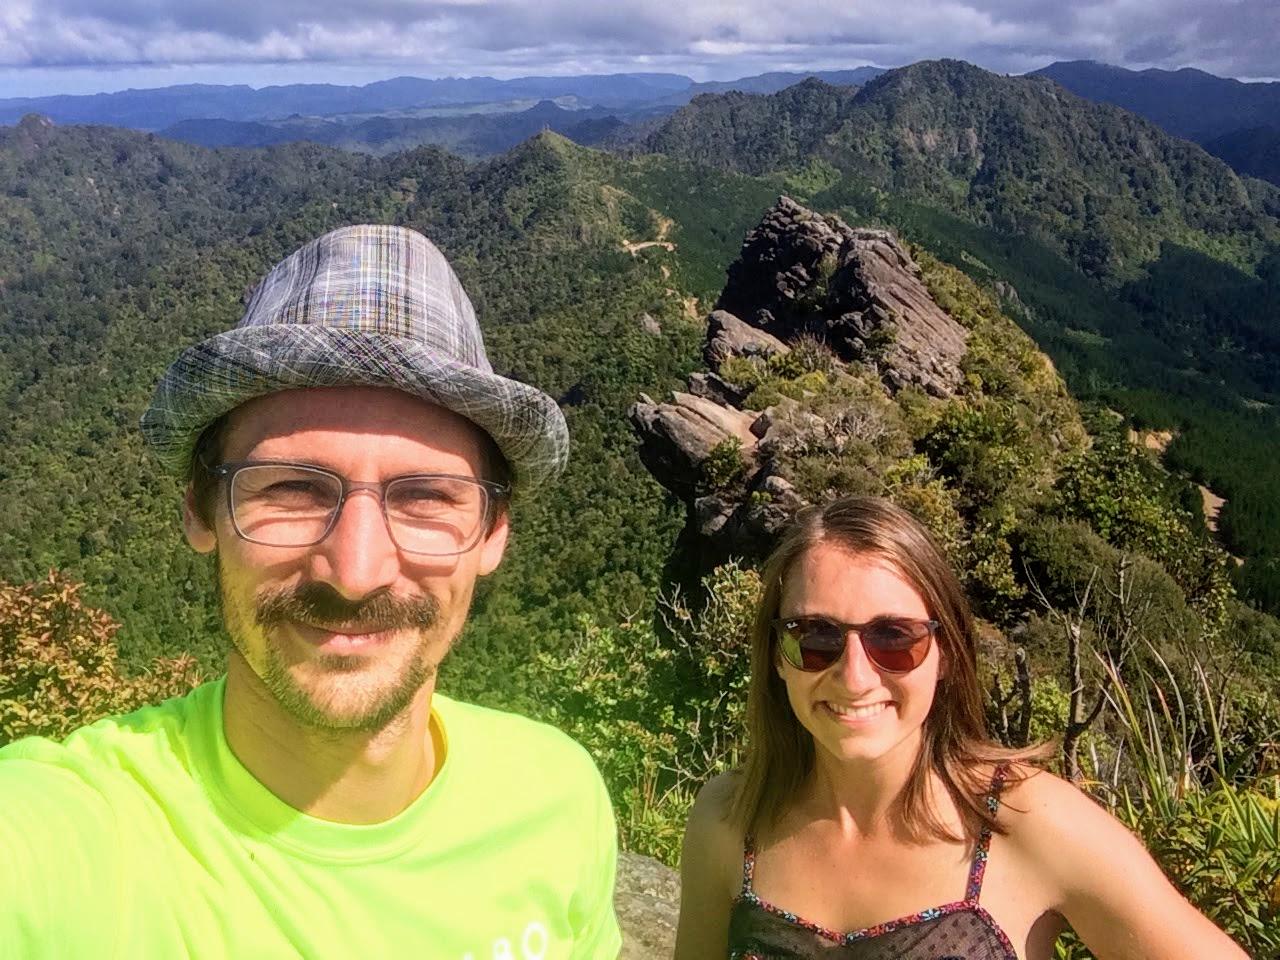 Castle Rock selfie